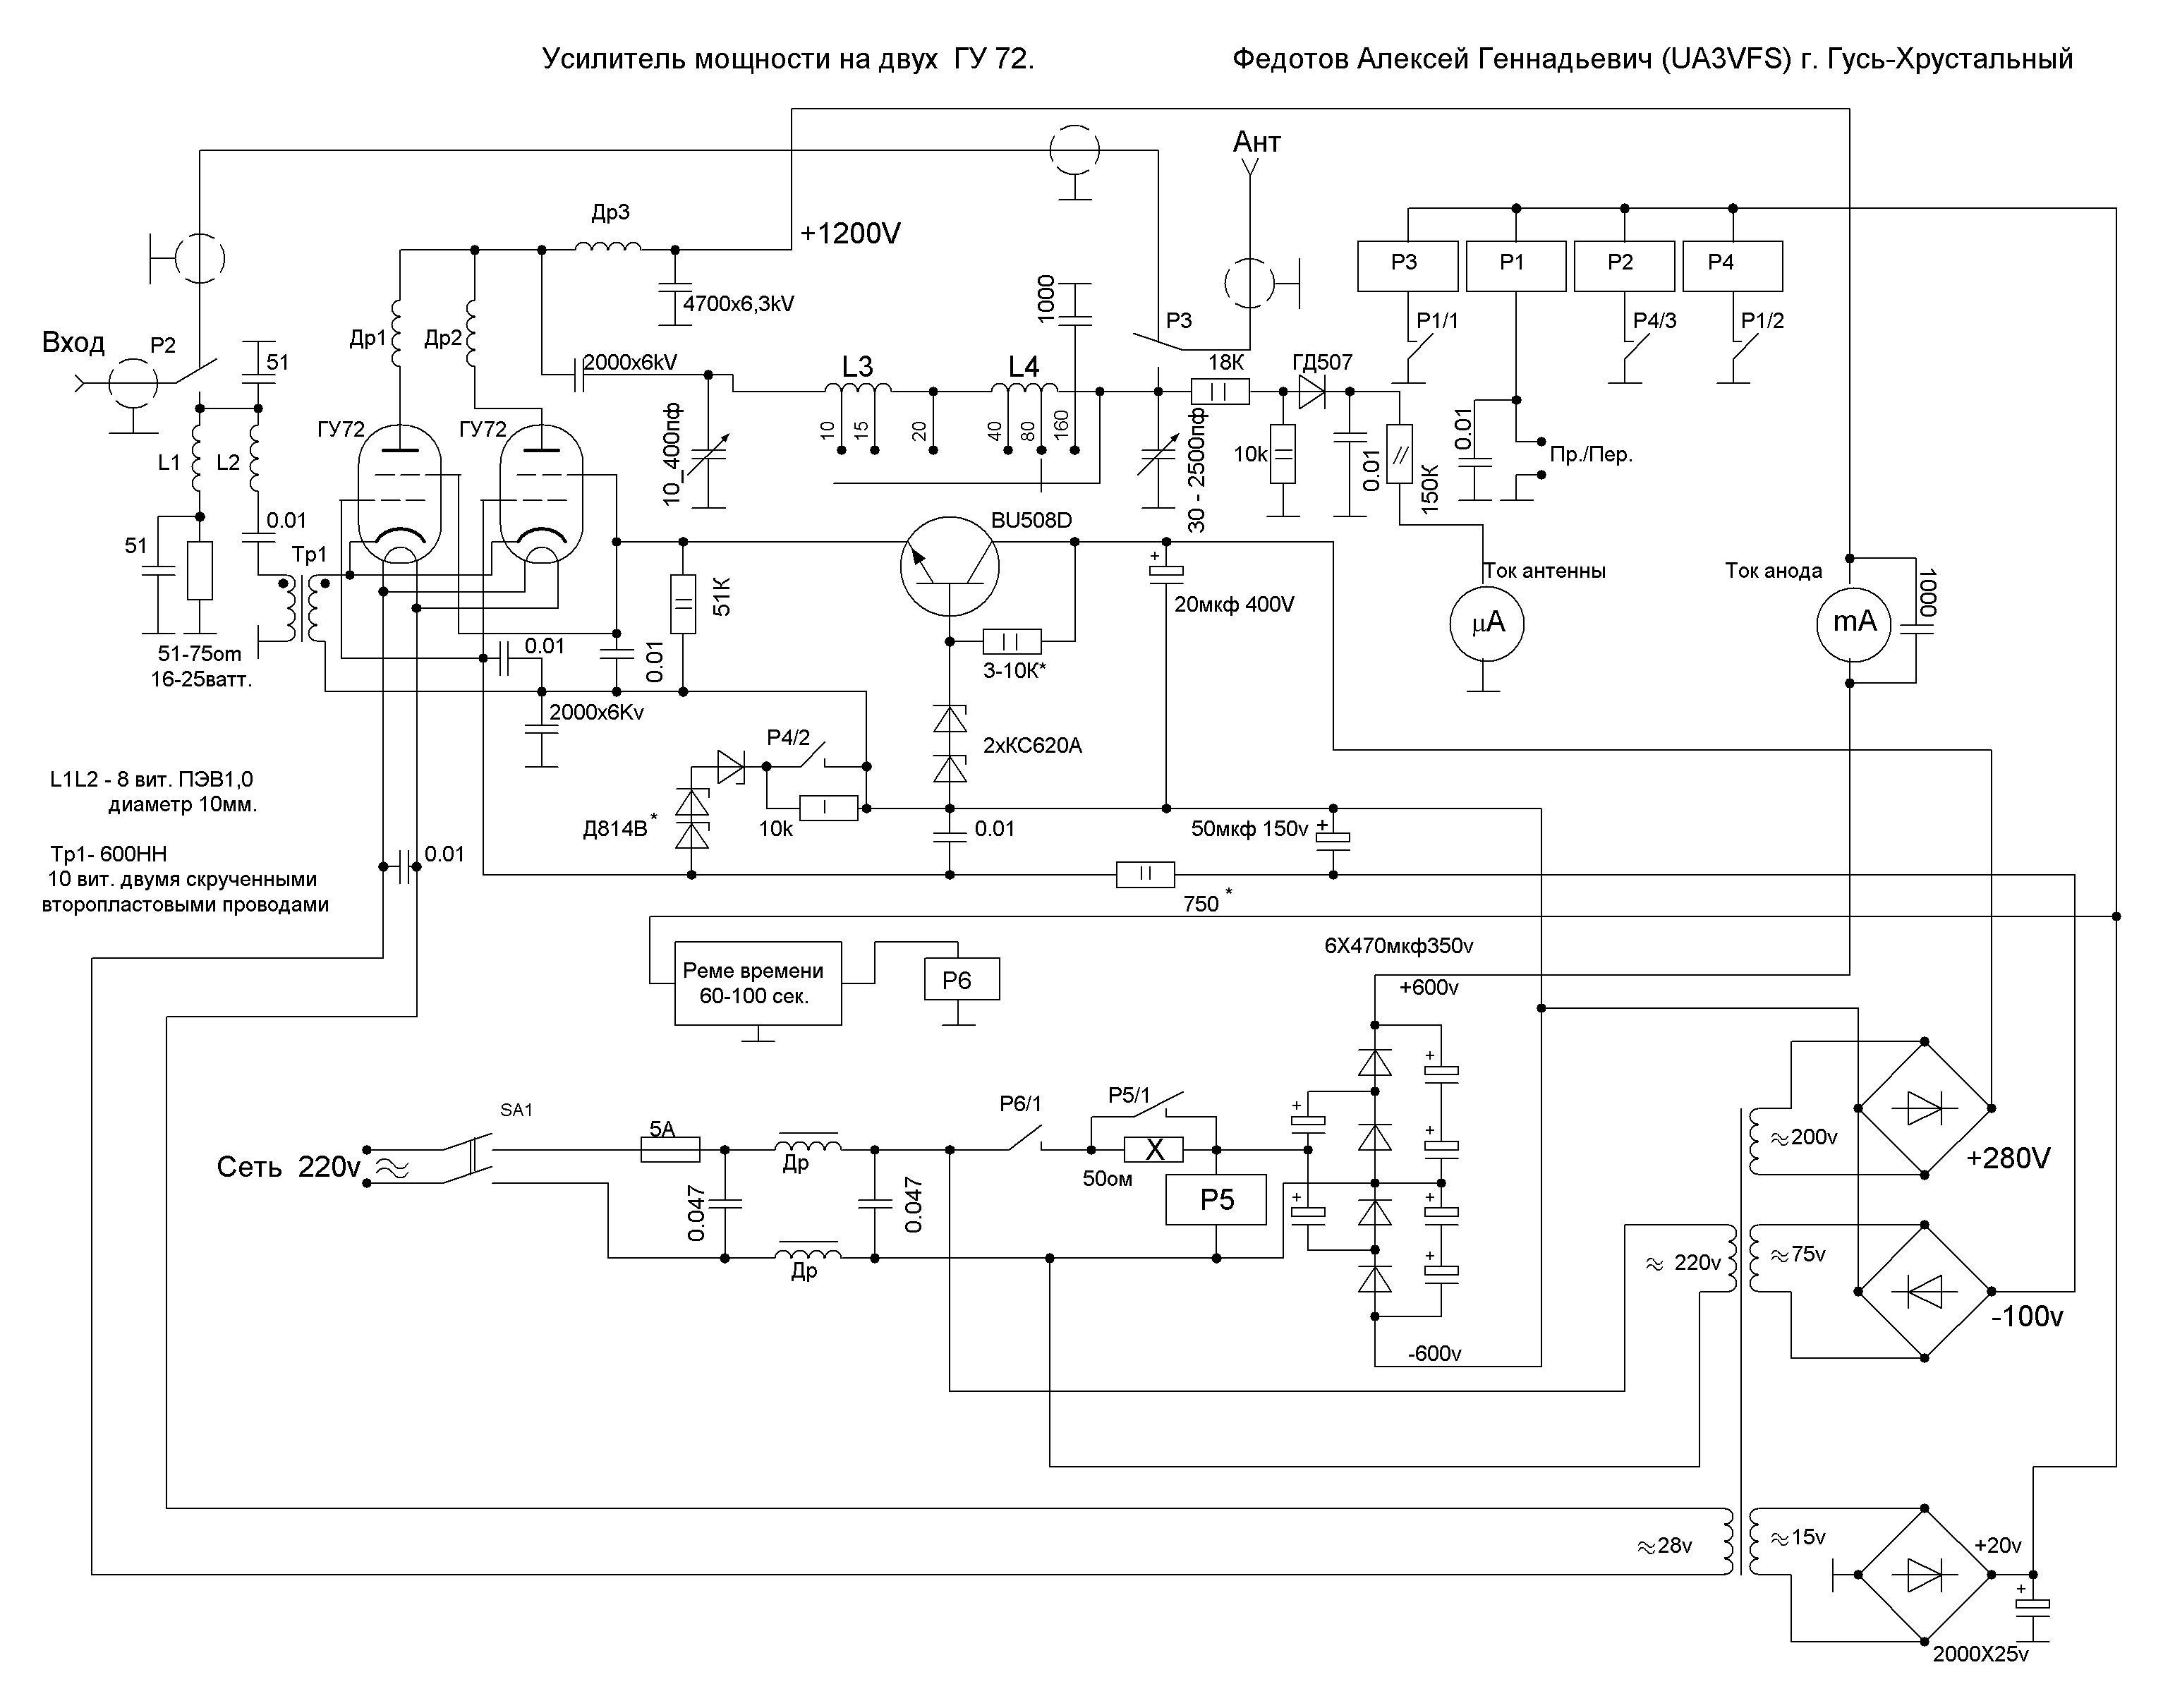 Схема кв ум на 2х гу-72 с компенсацией входной ёмкости ламп